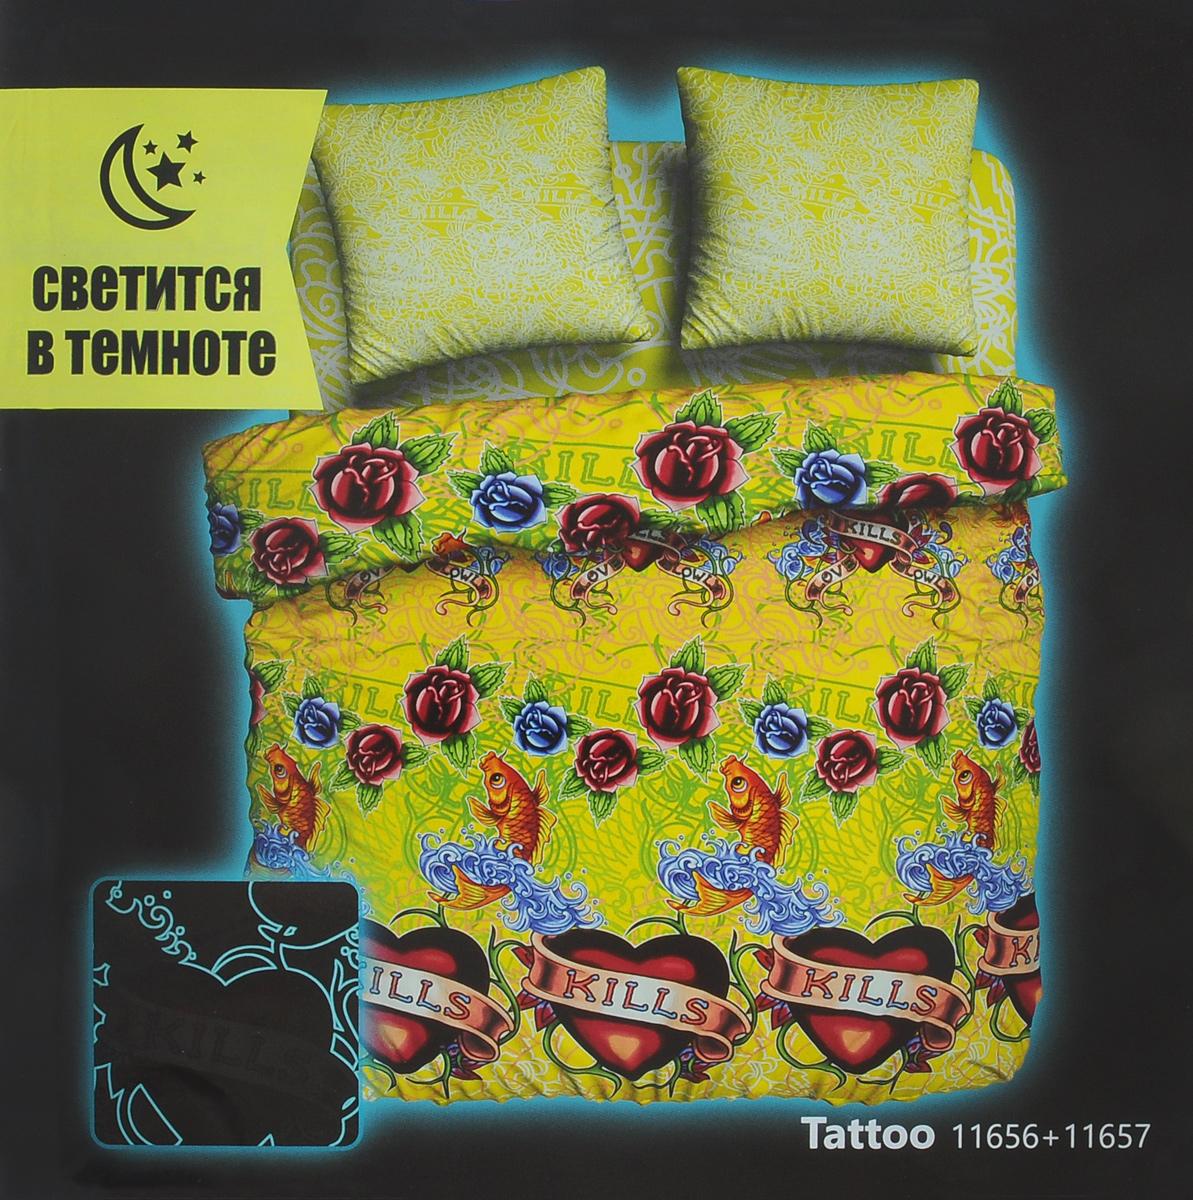 Комплект белья Unison Tattoo, 1,5-спальный, наволочки 70х70, цвет: лимонный, салатовый, малиновый. 268373191463Оригинальный комплект постельного белья Unison Tattoo из серии Neon Collection выполнен из биоматина, натуральной 100% хлопковой ткани, которая имеет свойство, светится в темноте. Постельное белье светится в темноте без помощи ультрафиолета. Заряжается комплект от любого источника света, что позволяет святиться в темноте продолжительное время. Комплект оформлен оригинальным рисунком, который имеет потенциал свечения до 8 часов с эффектом угасания. Ткань приятная на ощупь, при этом она прочная, хорошо сохраняет форму и легко гладится. Комплект состоит из пододеяльника, простыни и двух наволочек. Используемые красители безопасны для человека и животных. Благодаря такому комплекту постельного белья вы создадите неповторимую атмосферу в вашей спальне. Рекомендуется стирать в стиральной машине в мешке в режиме деликатной стирки, при температуре до +40°C, предварительно вывернув комплект наизнанку.